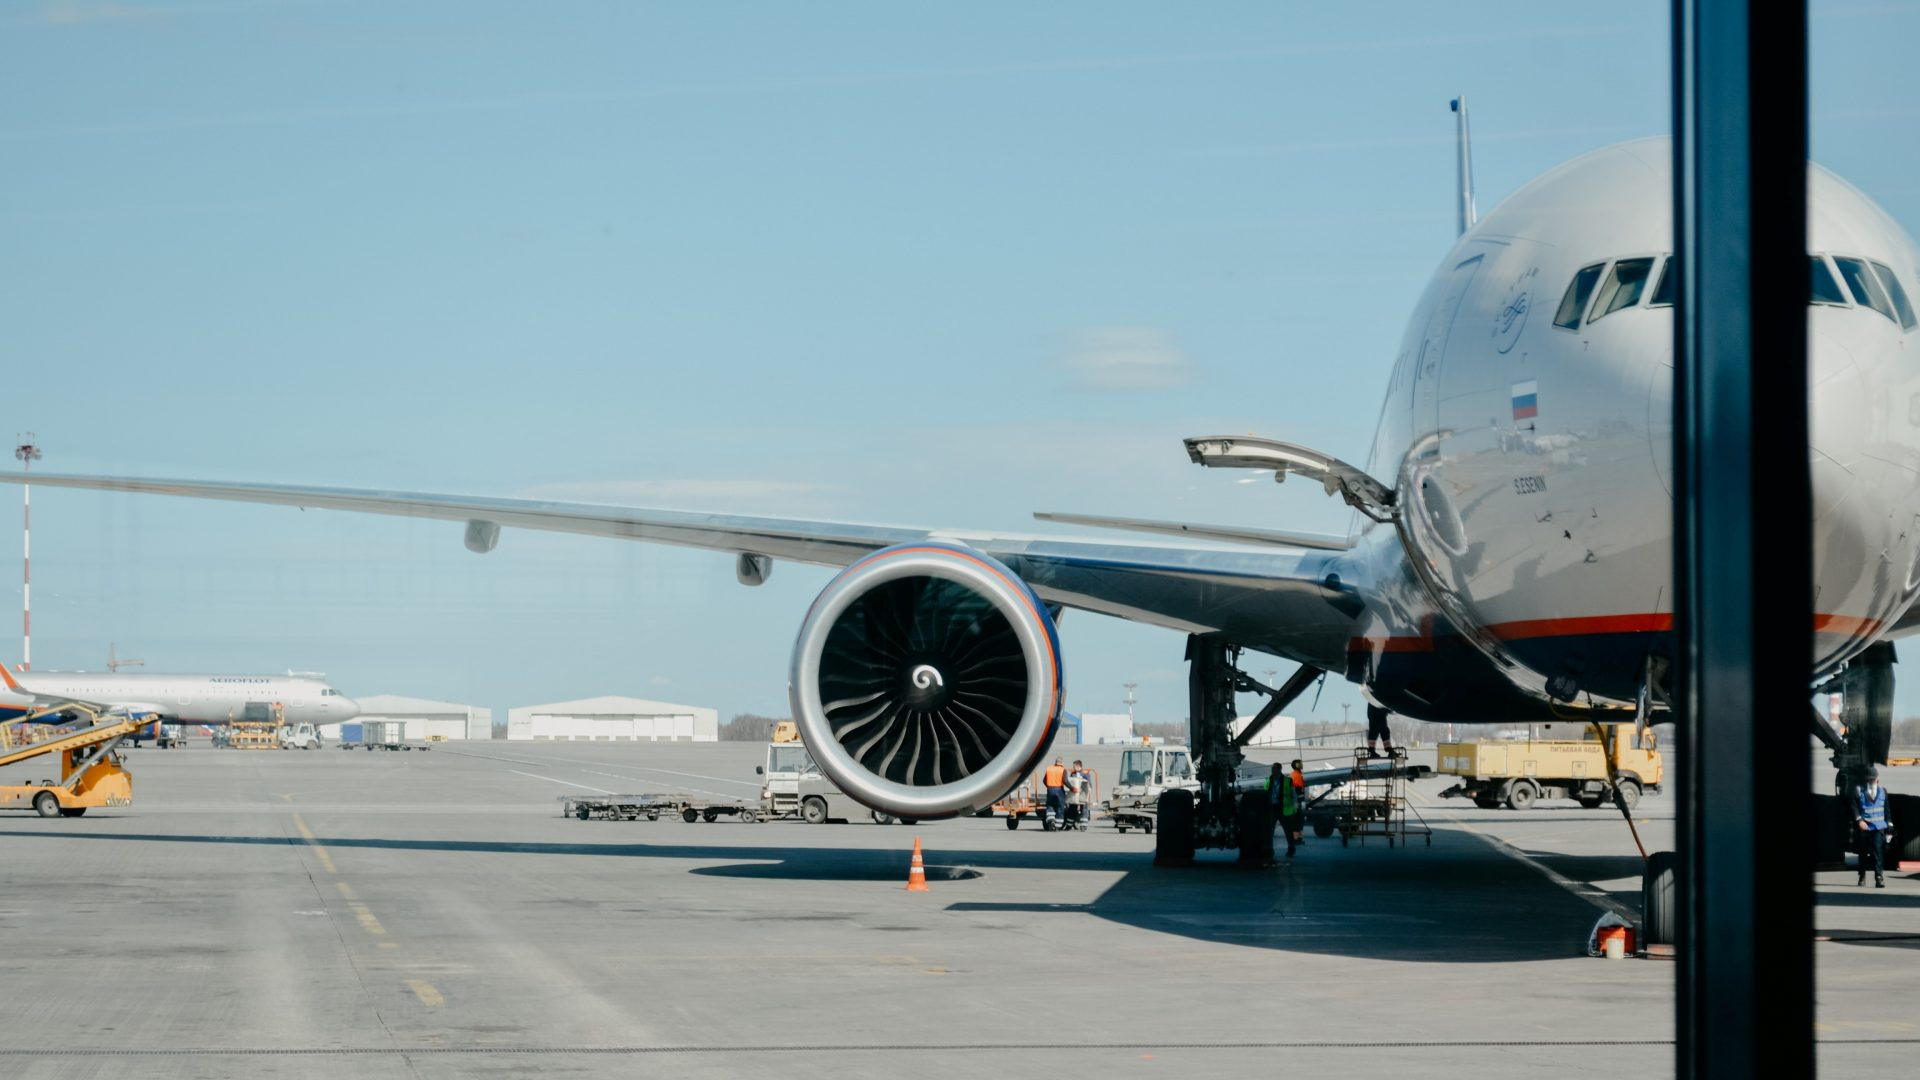 Neuer-Flughafen-in-Serbien-f-r-2035-geplant